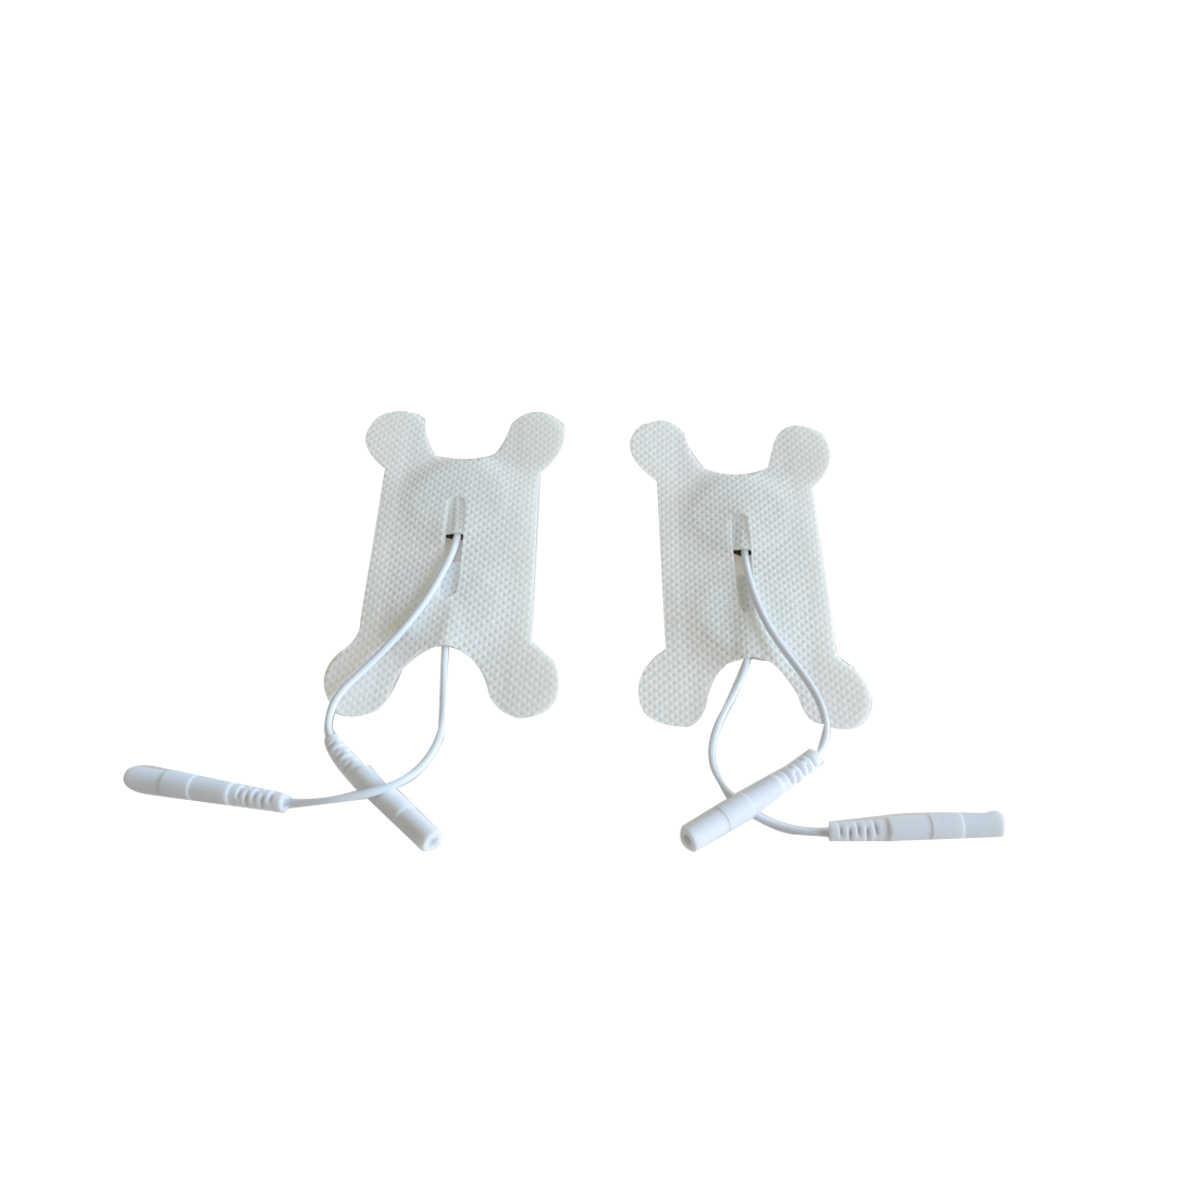 5 ペアシリコーン & ゲル電極パッド喉嚥下障害テストパッチ神経刺激と 2 ミリメートルプラグ十治療マッサージ